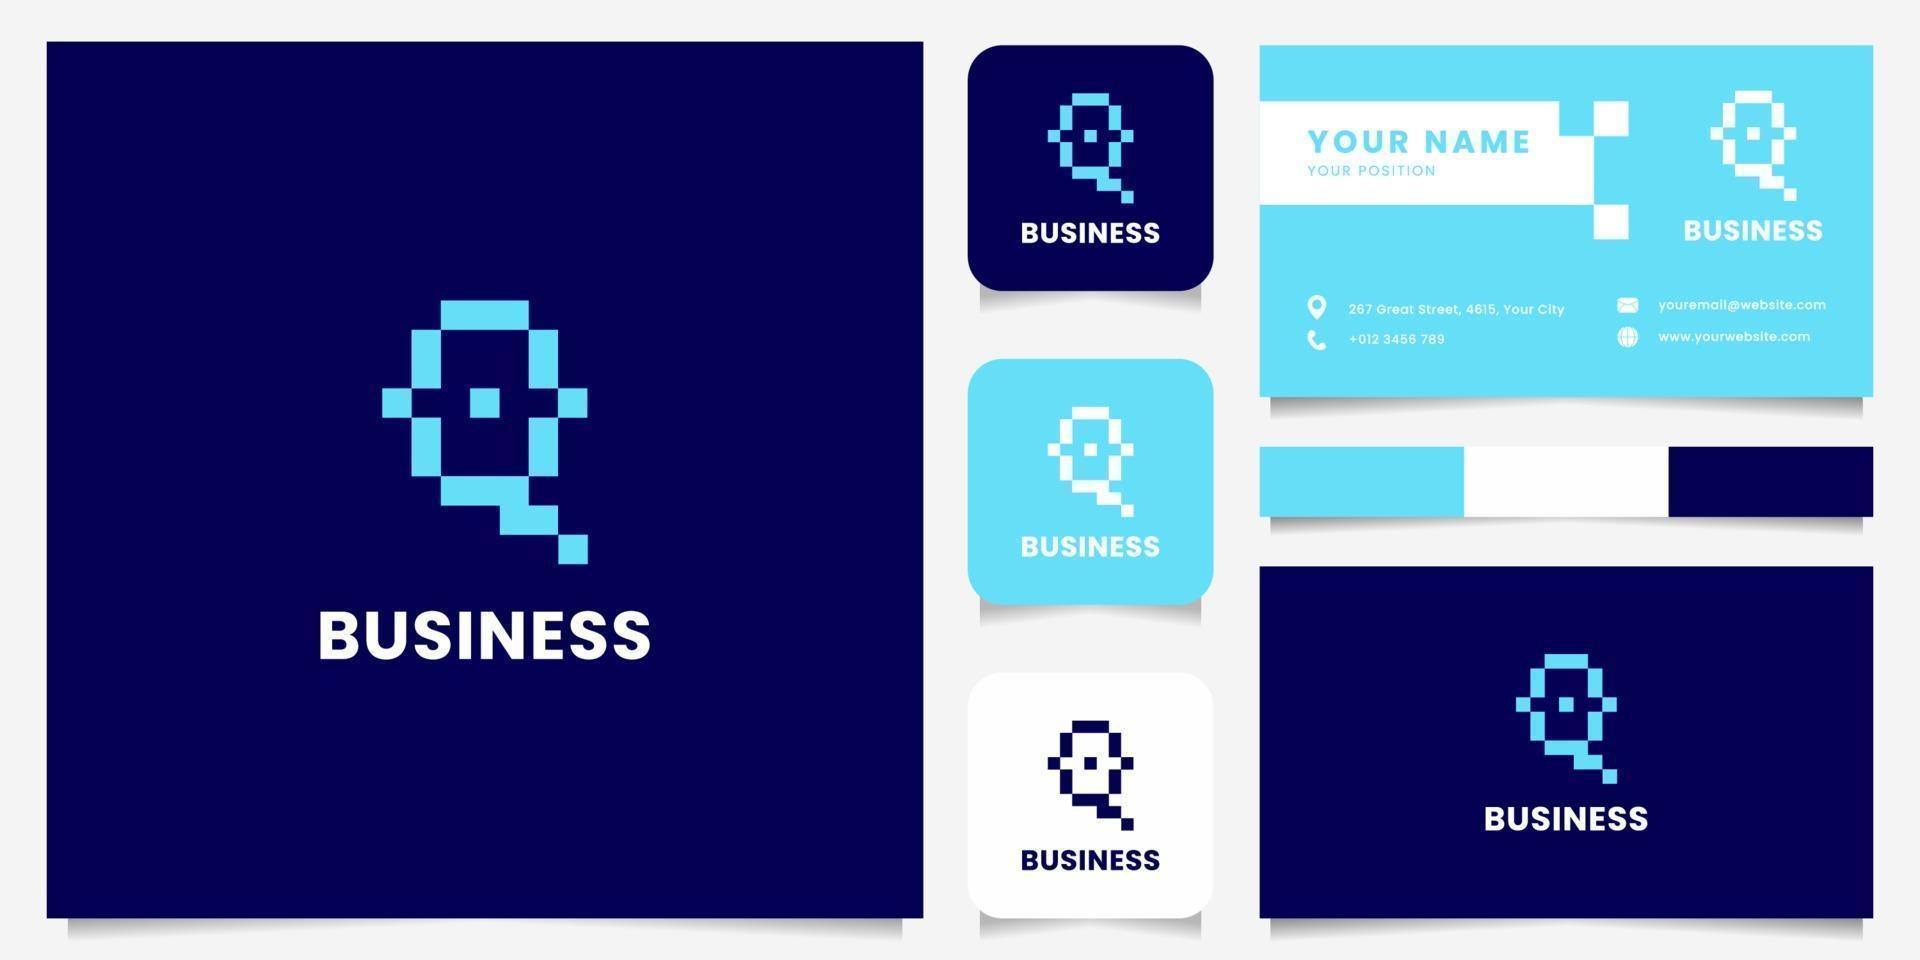 enkel och minimalistisk blå pixelbokstav q-logotyp med visitkortsmall vektor